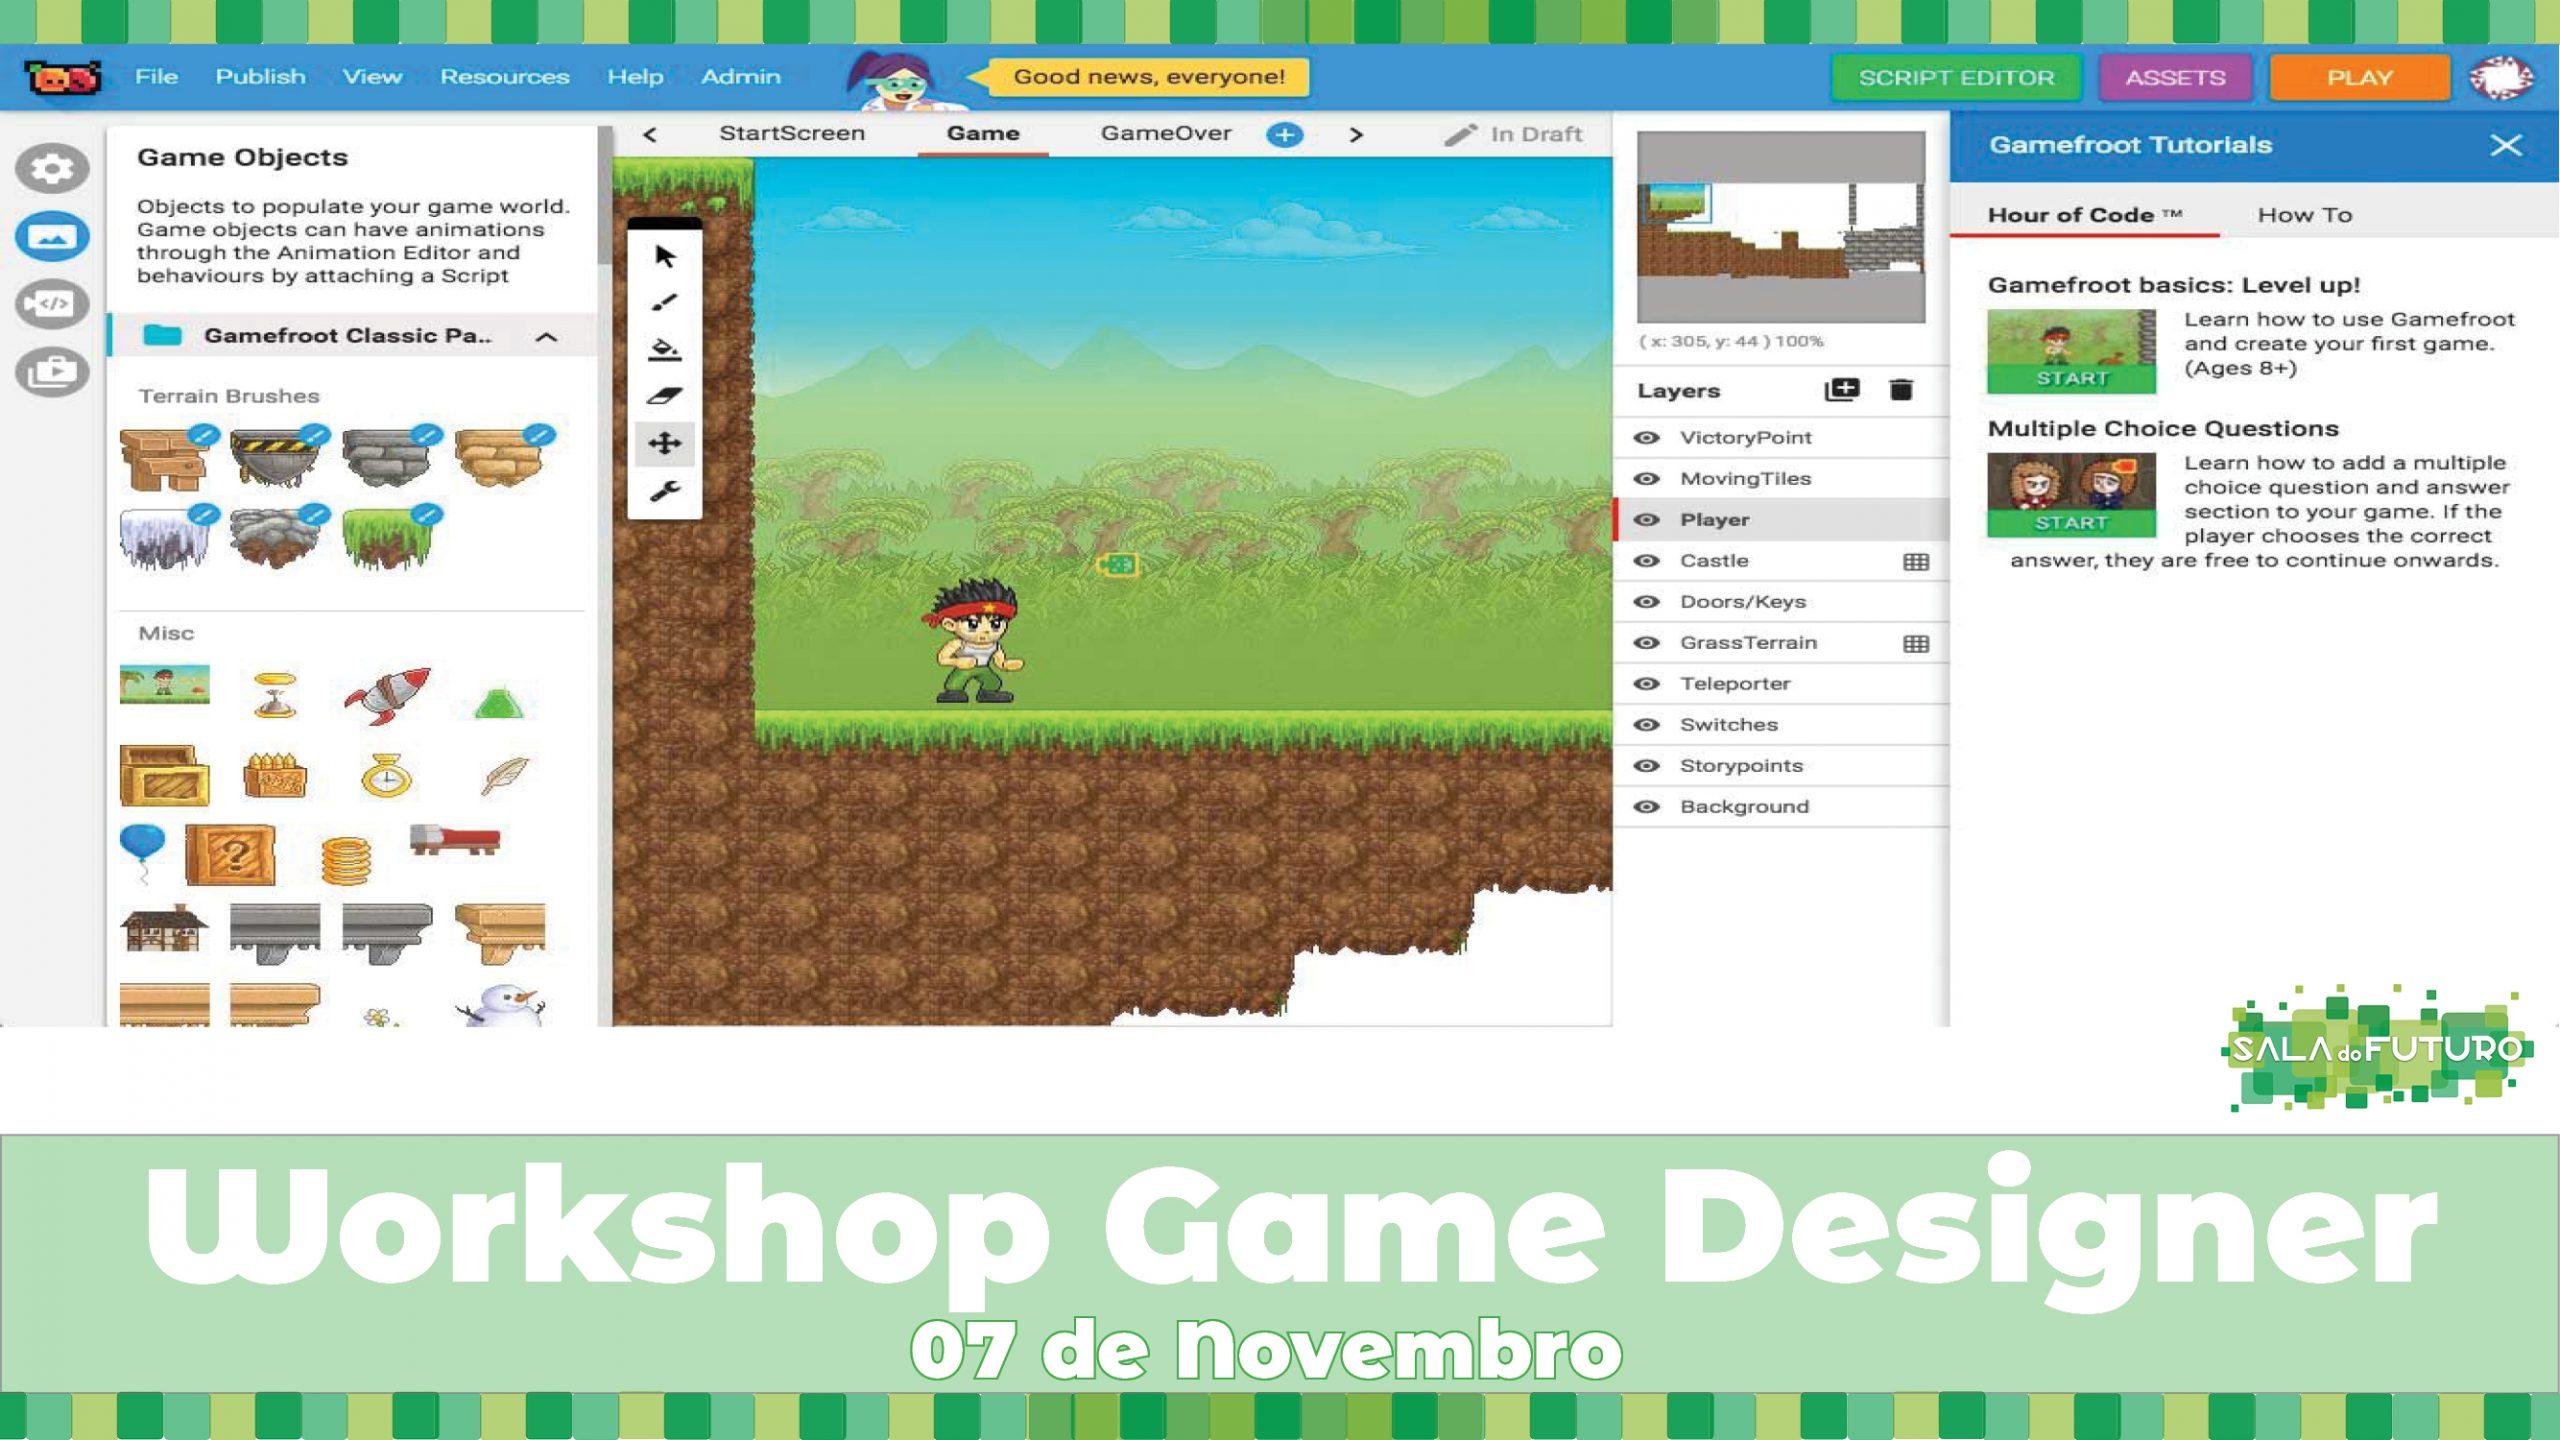 Workshop: Game Designer